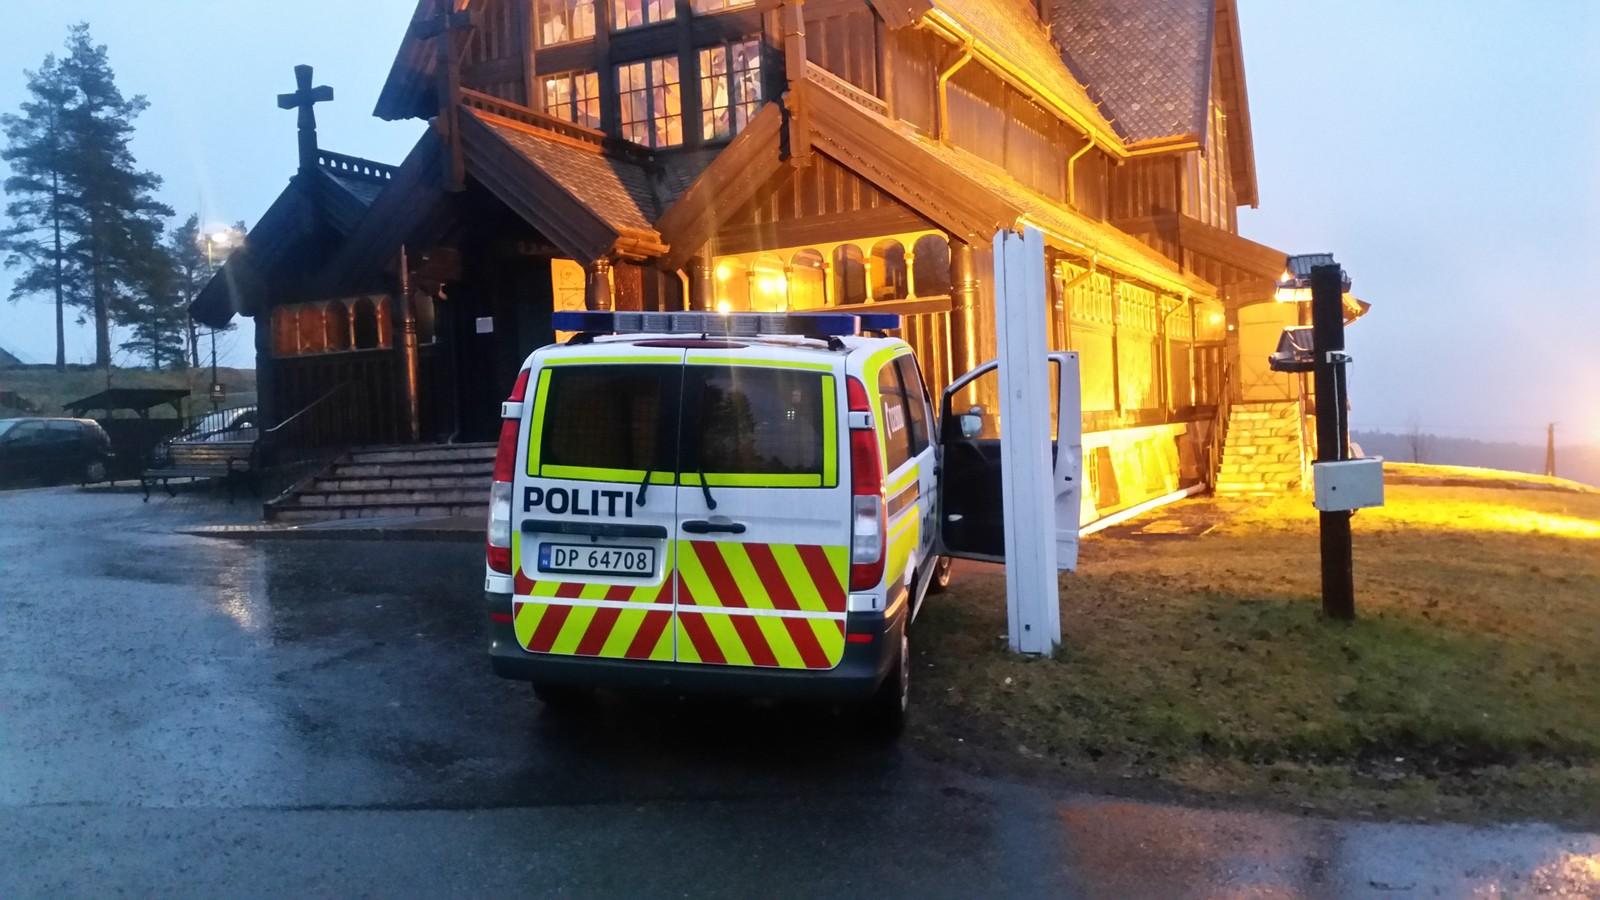 Alle planlagte gudstjenester i Holmenkollen kapell julaften, er avlyst etter den tragiske hendelsen.